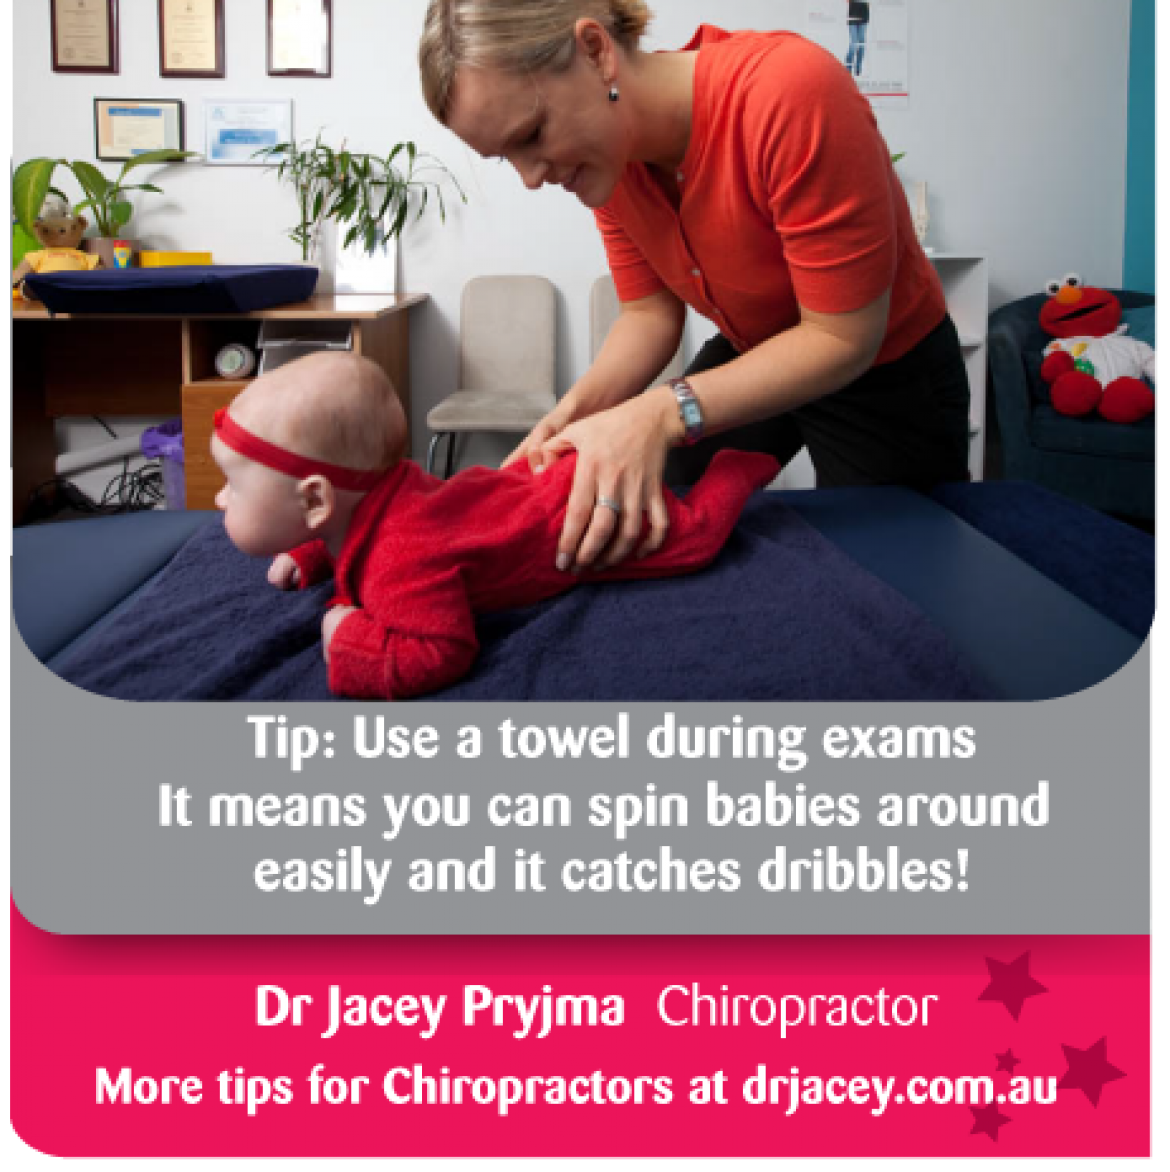 Practice Gems for Chiropractors